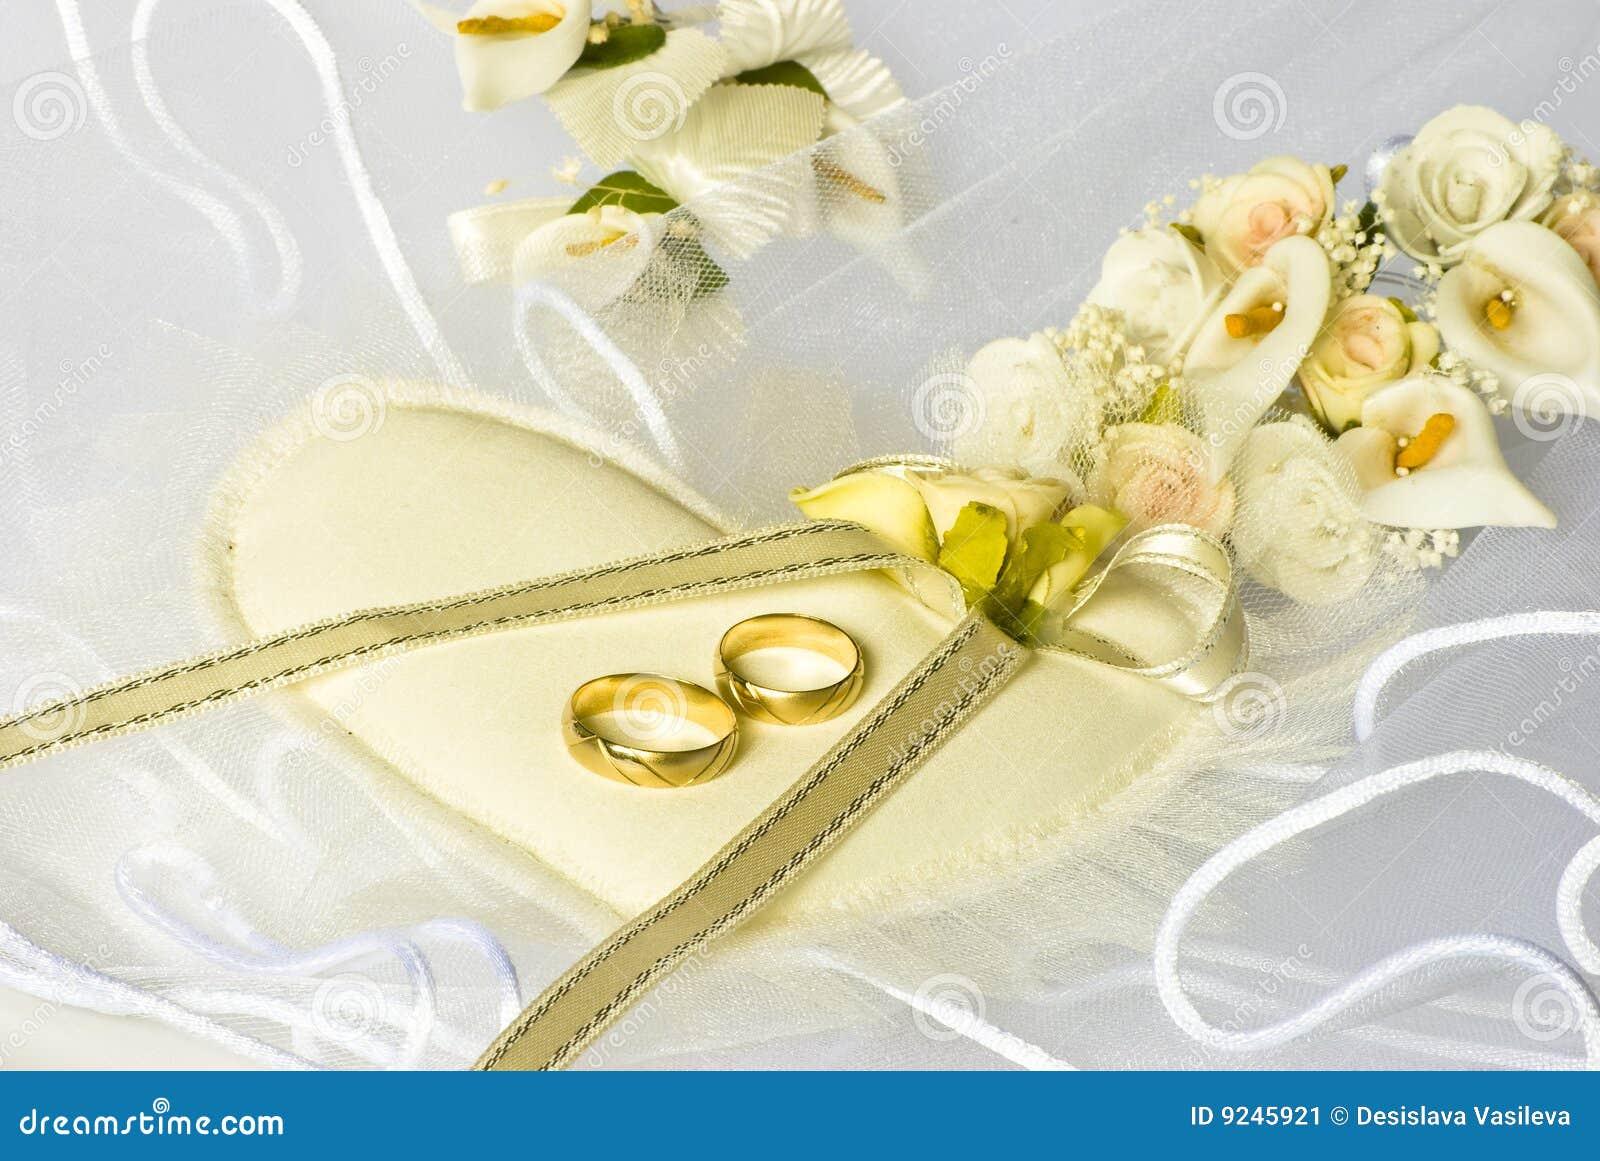 Hochzeitsringe Und Blumen Uber Schleier Stock Abbildung